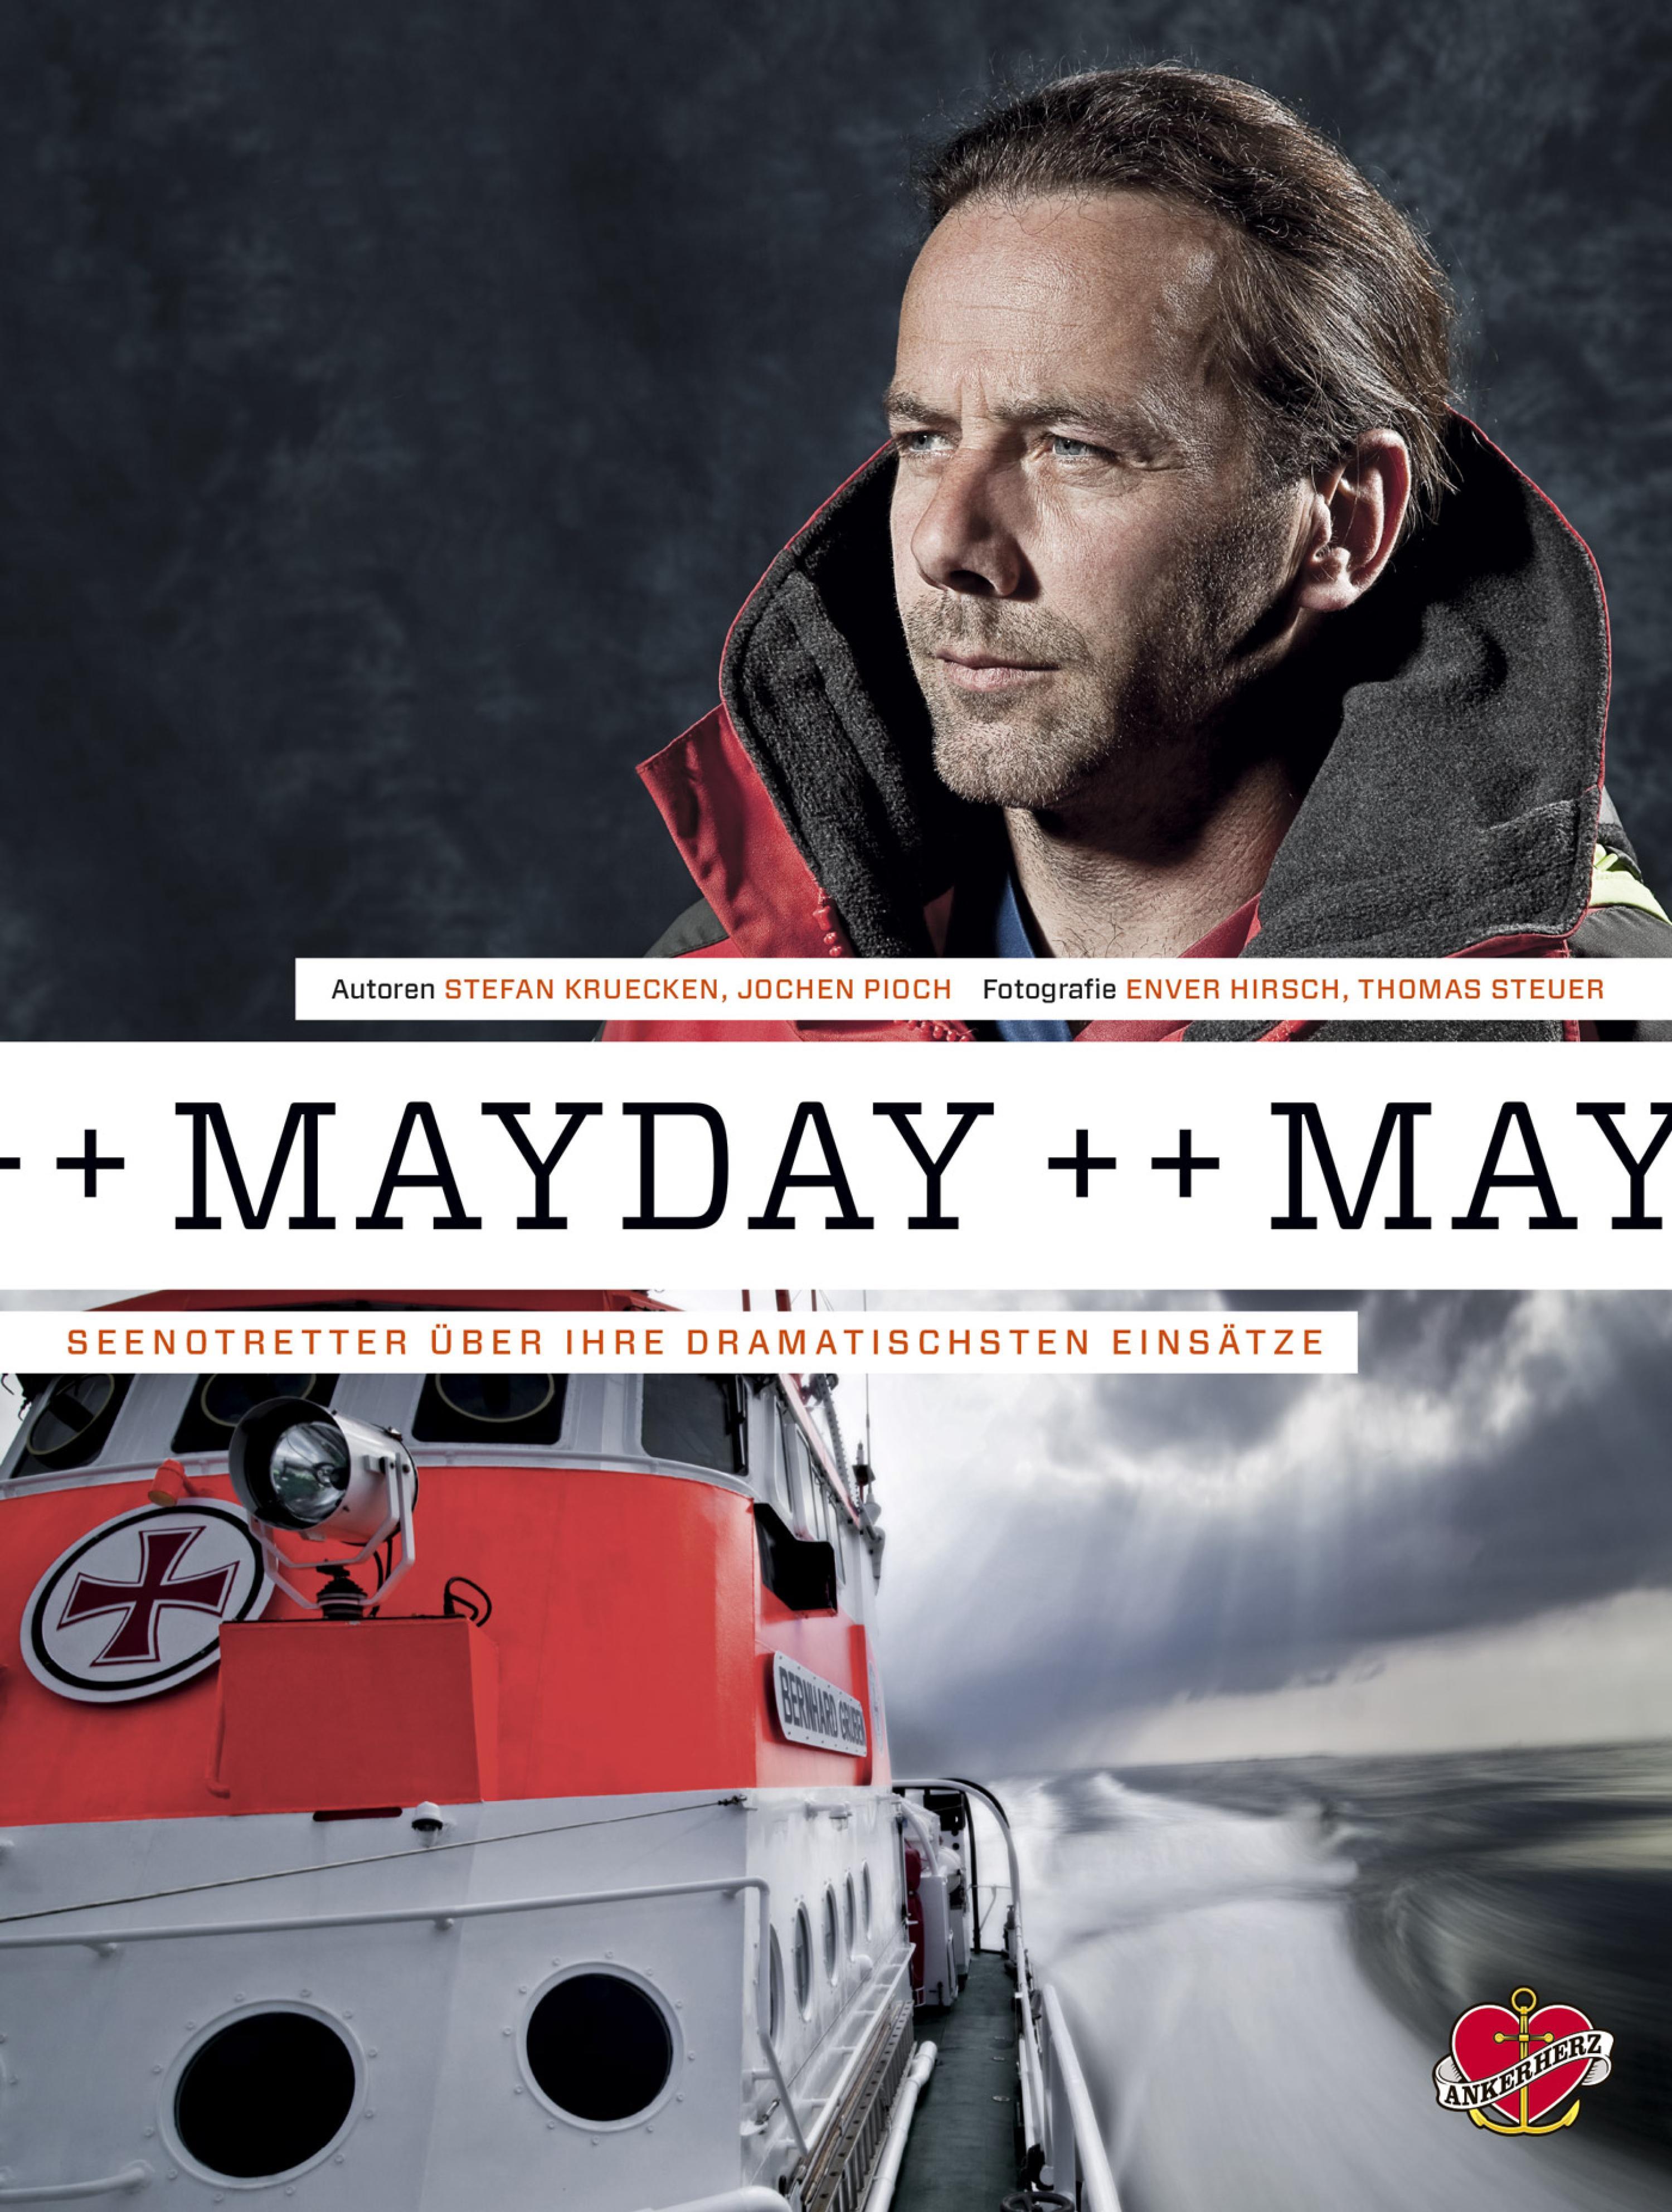 Stefan Krucken Mayday mayday tokyo